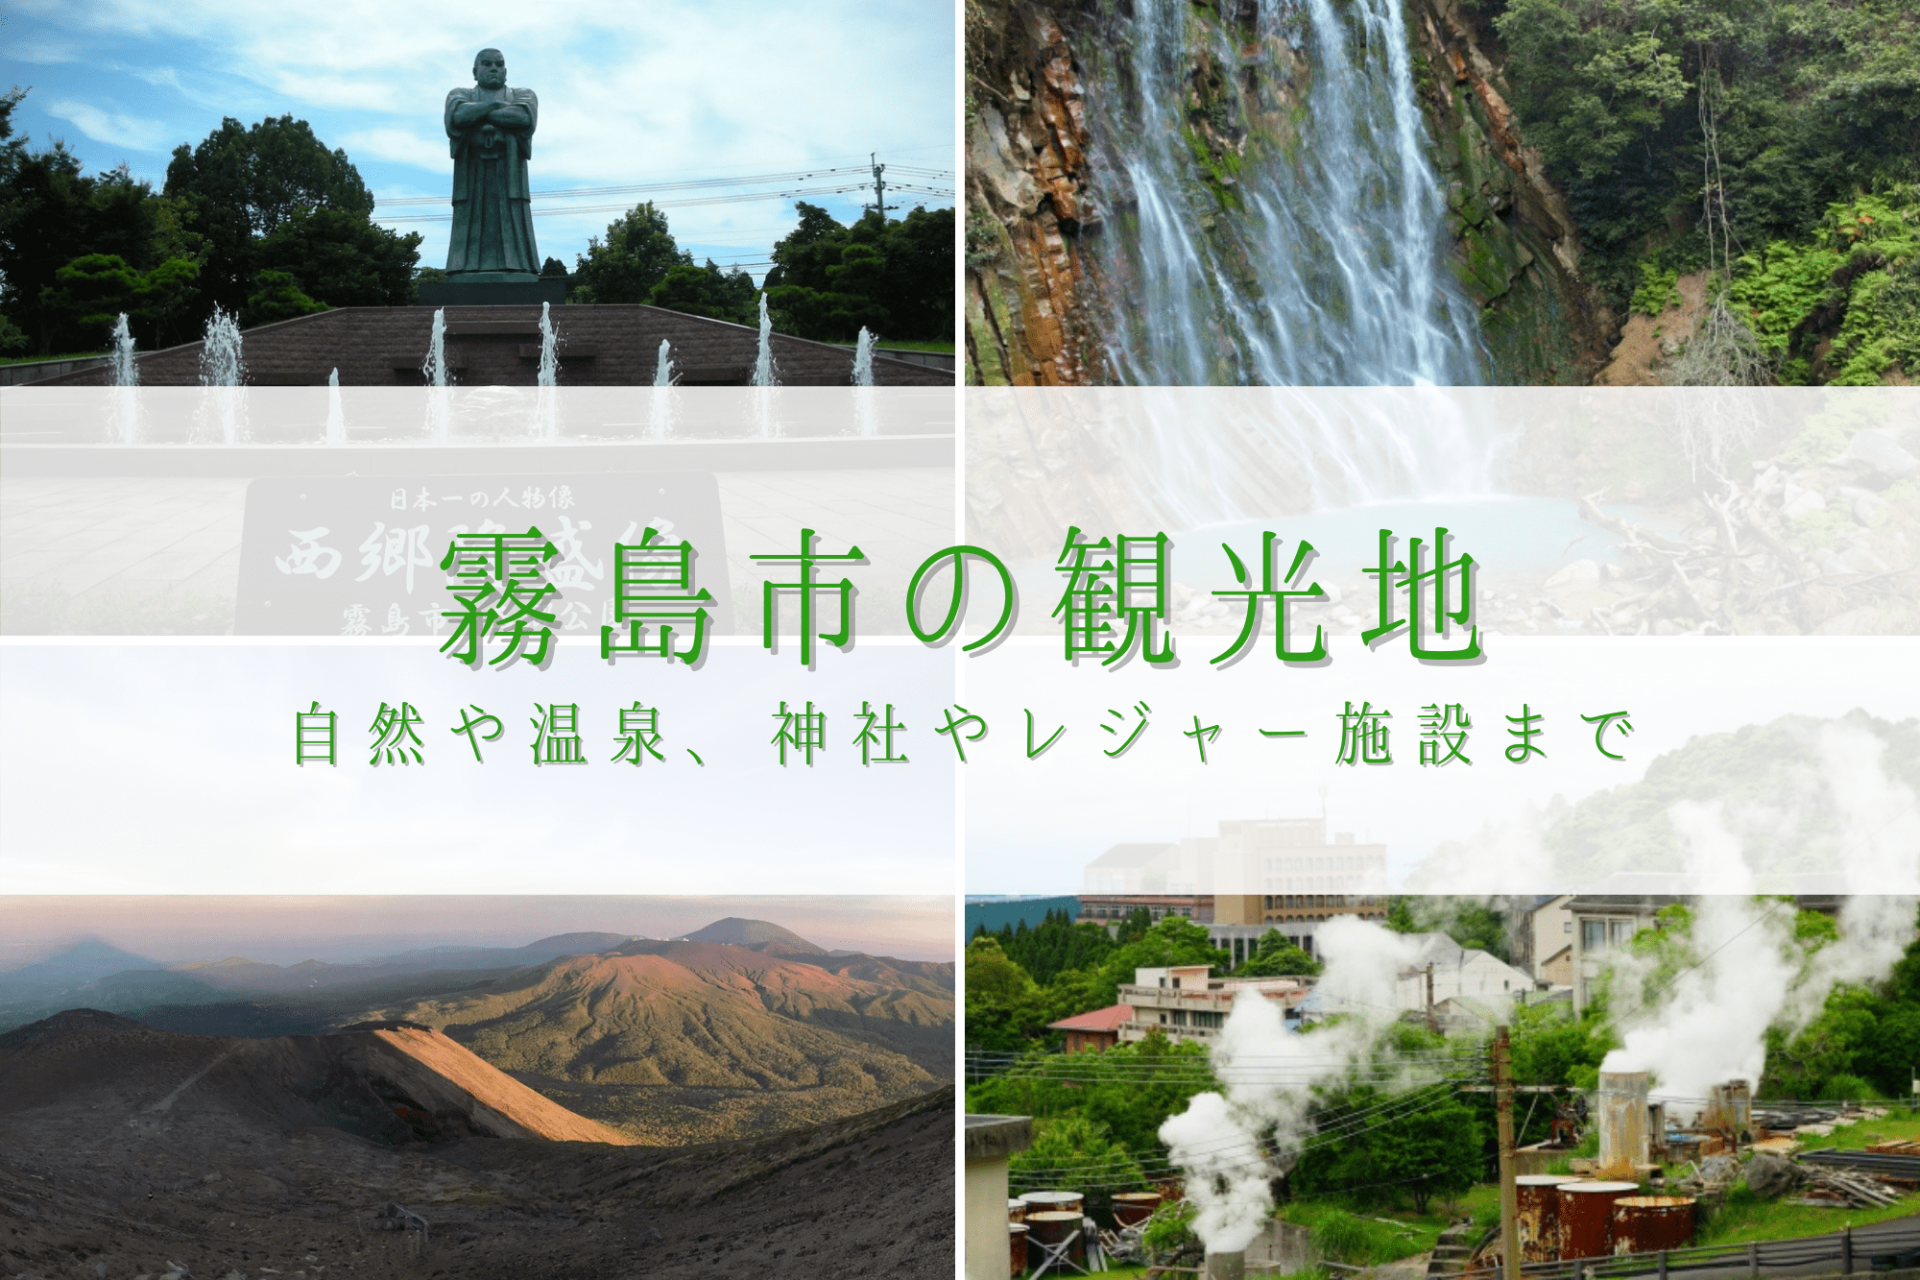 霧島市 観光地 スポット 鹿児島県 旅行 九州